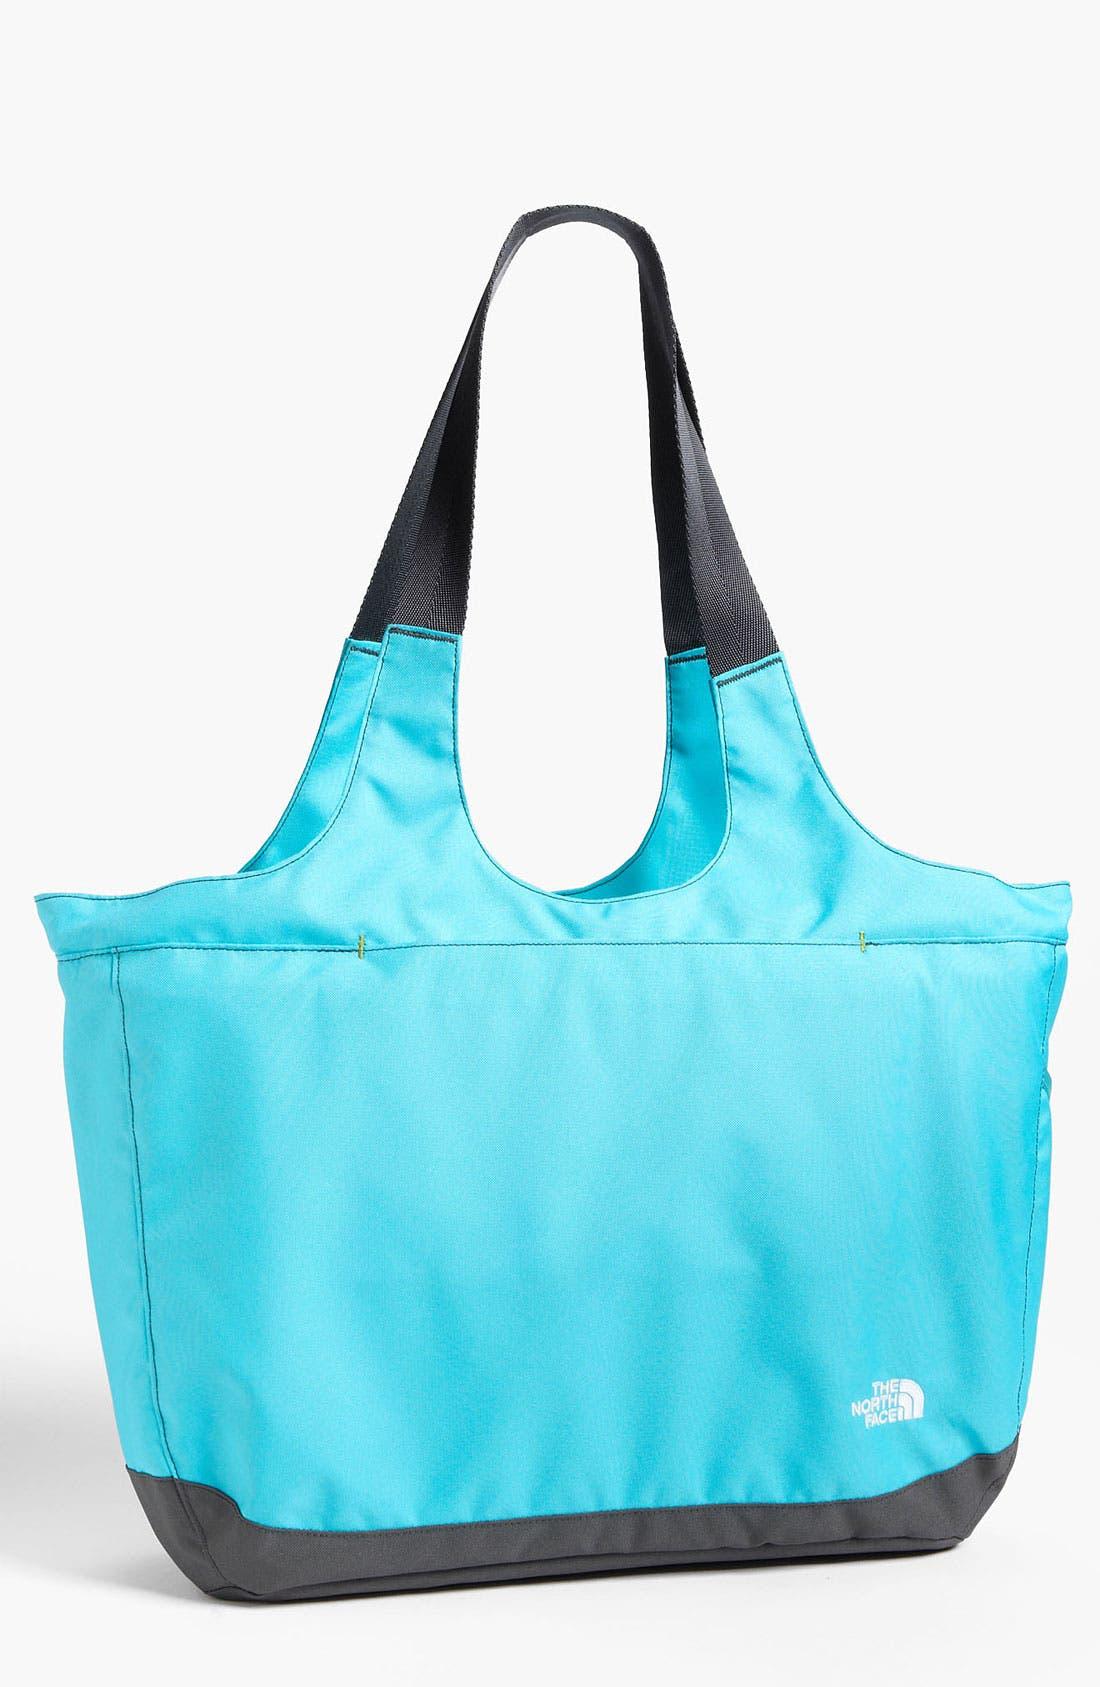 Main Image - The North Face 'Talia' Tote Bag